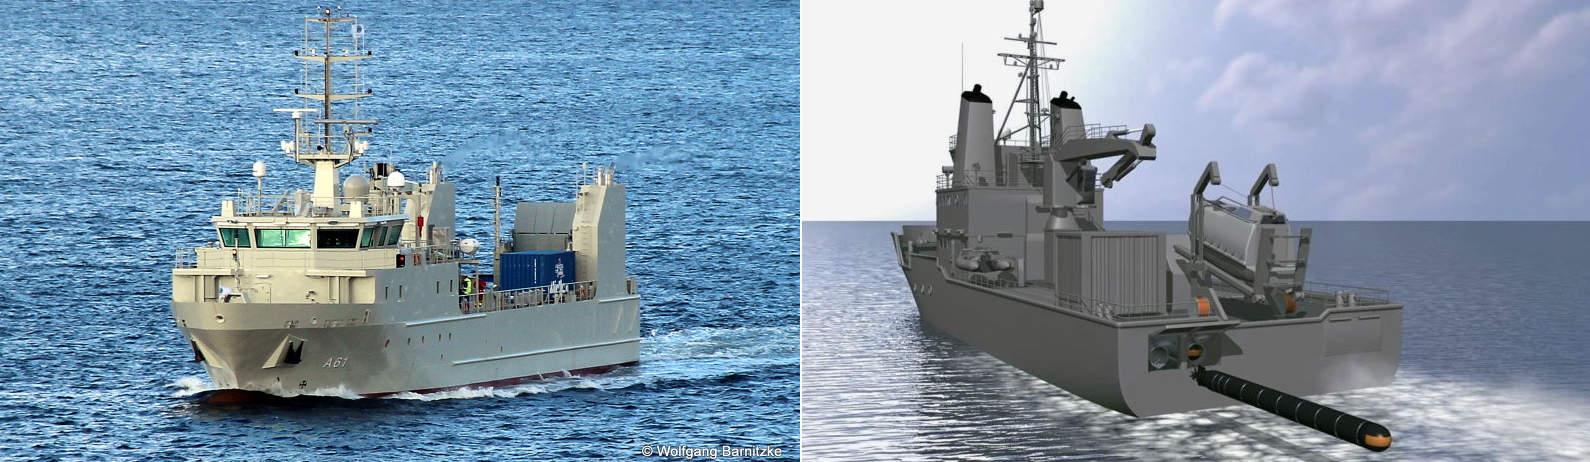 Багатоцільовий корабель ОАЕ UAES Rmah (A61)